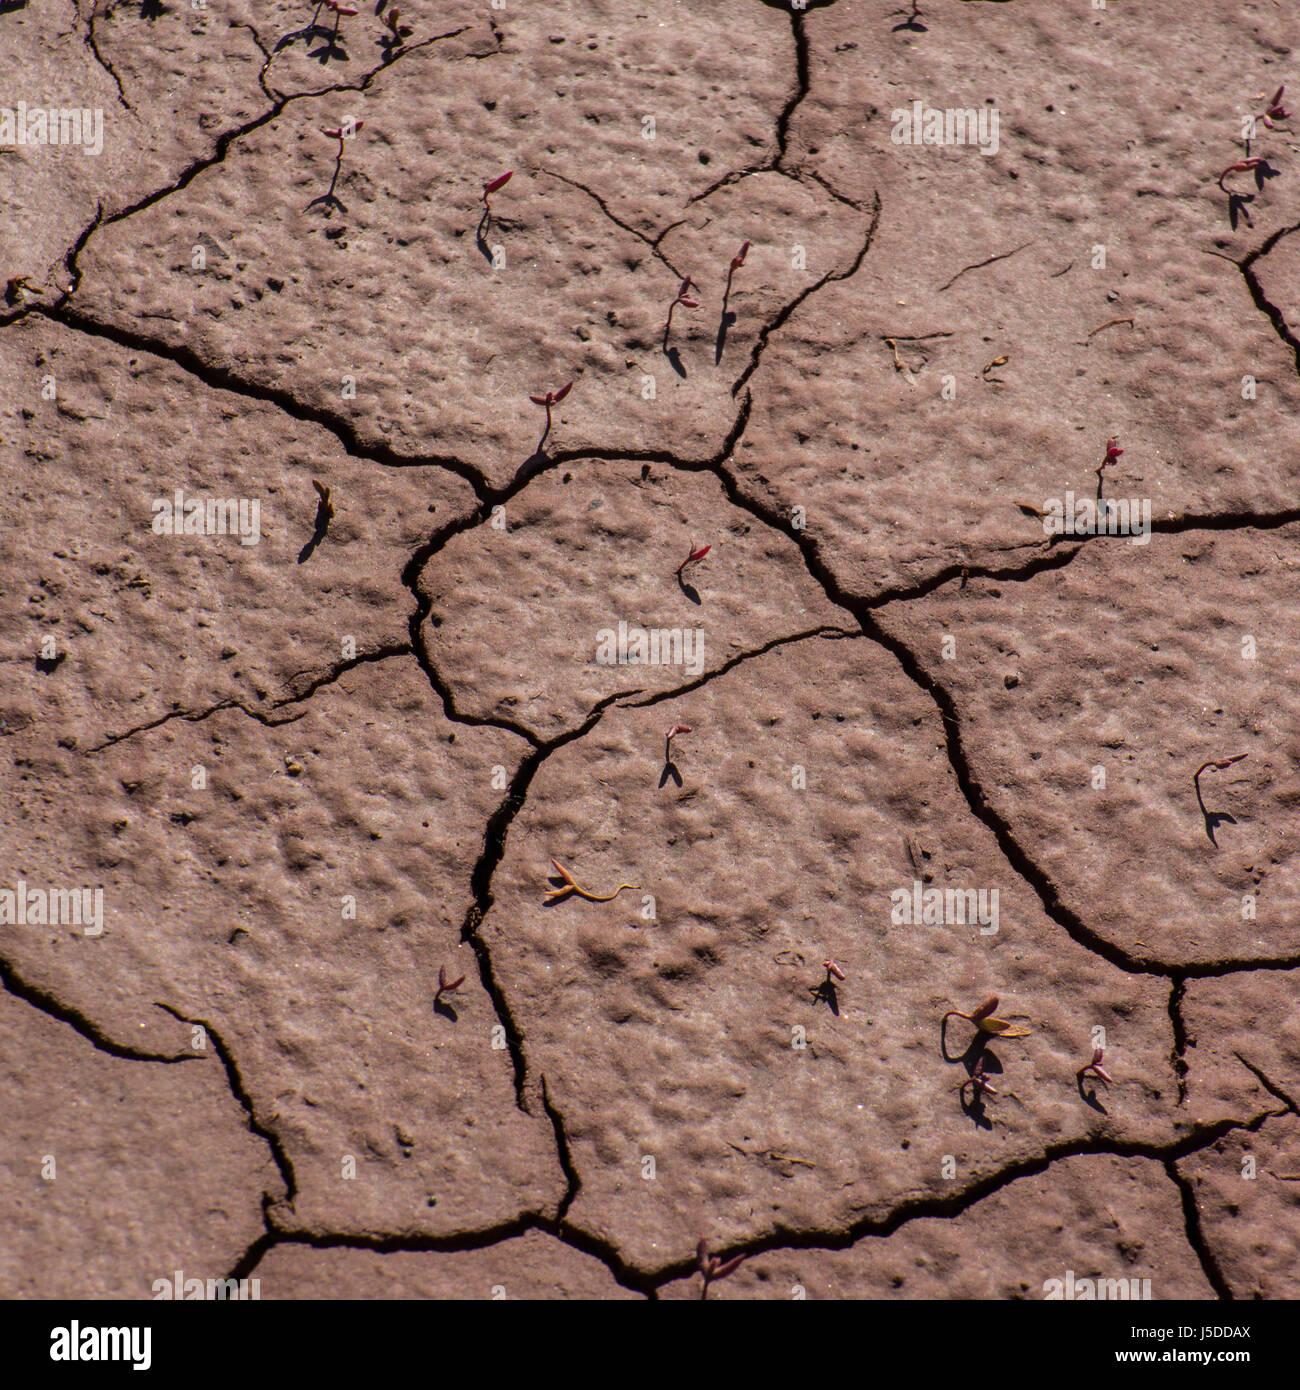 Fracture de sol dans la région de rejet d'eau industrielle Photo Stock